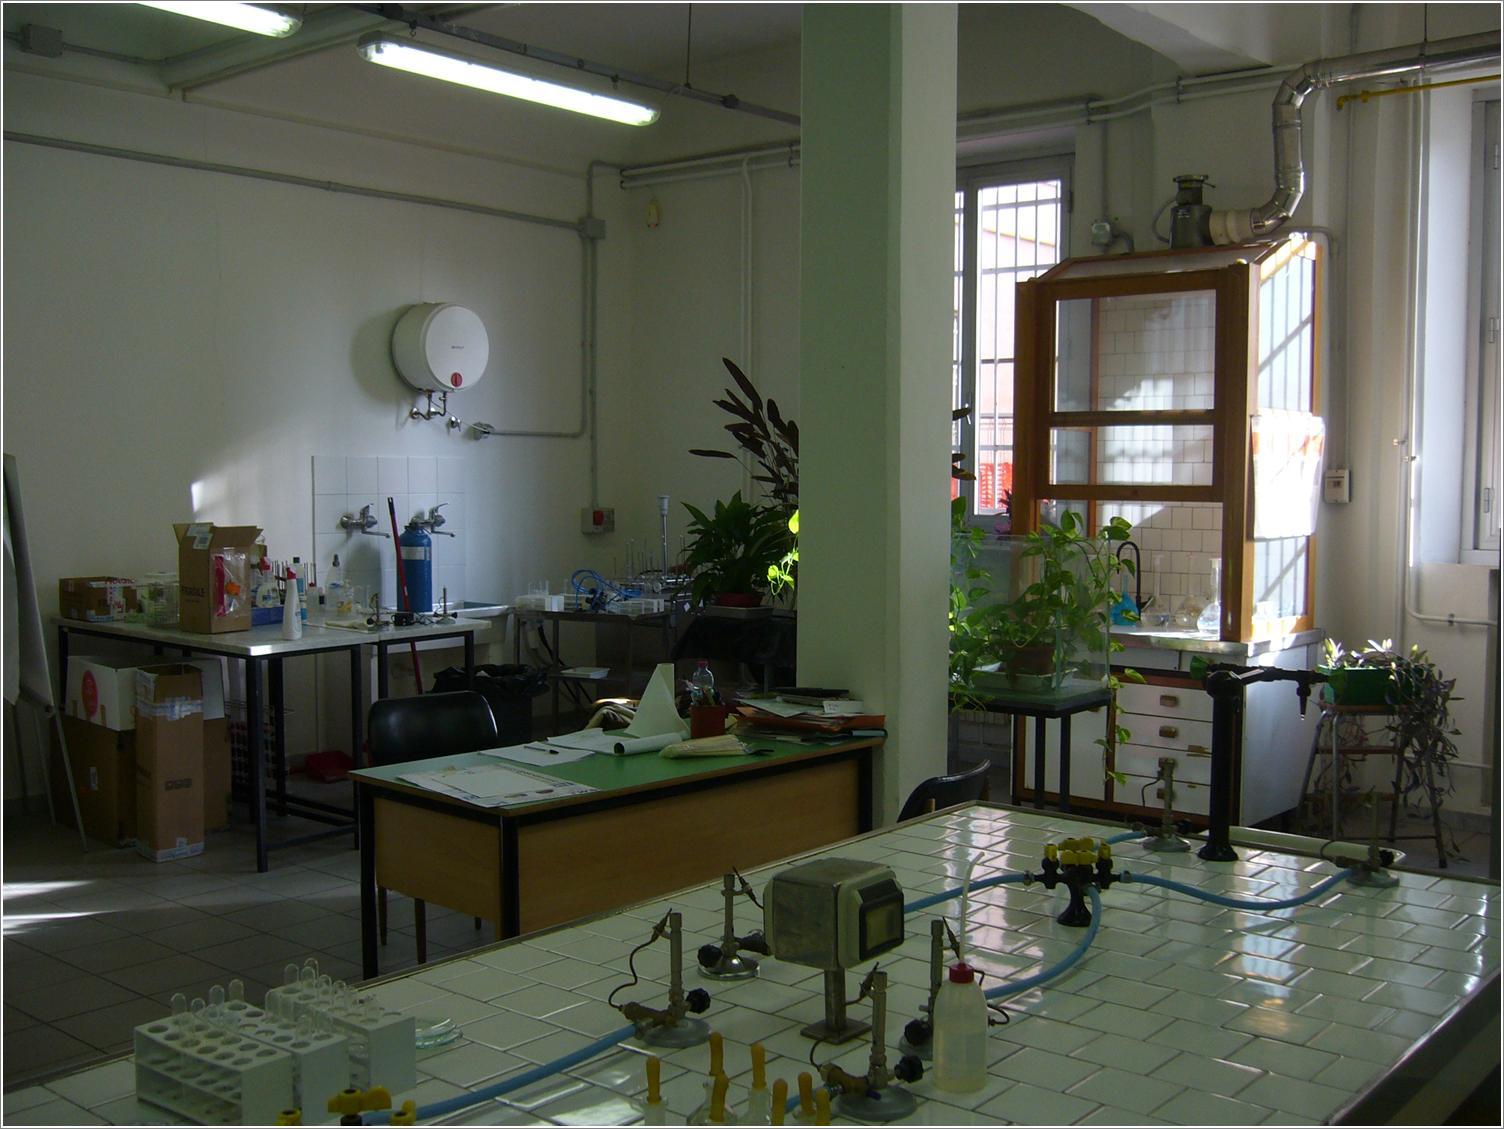 laboratorio chimica piante.jpg